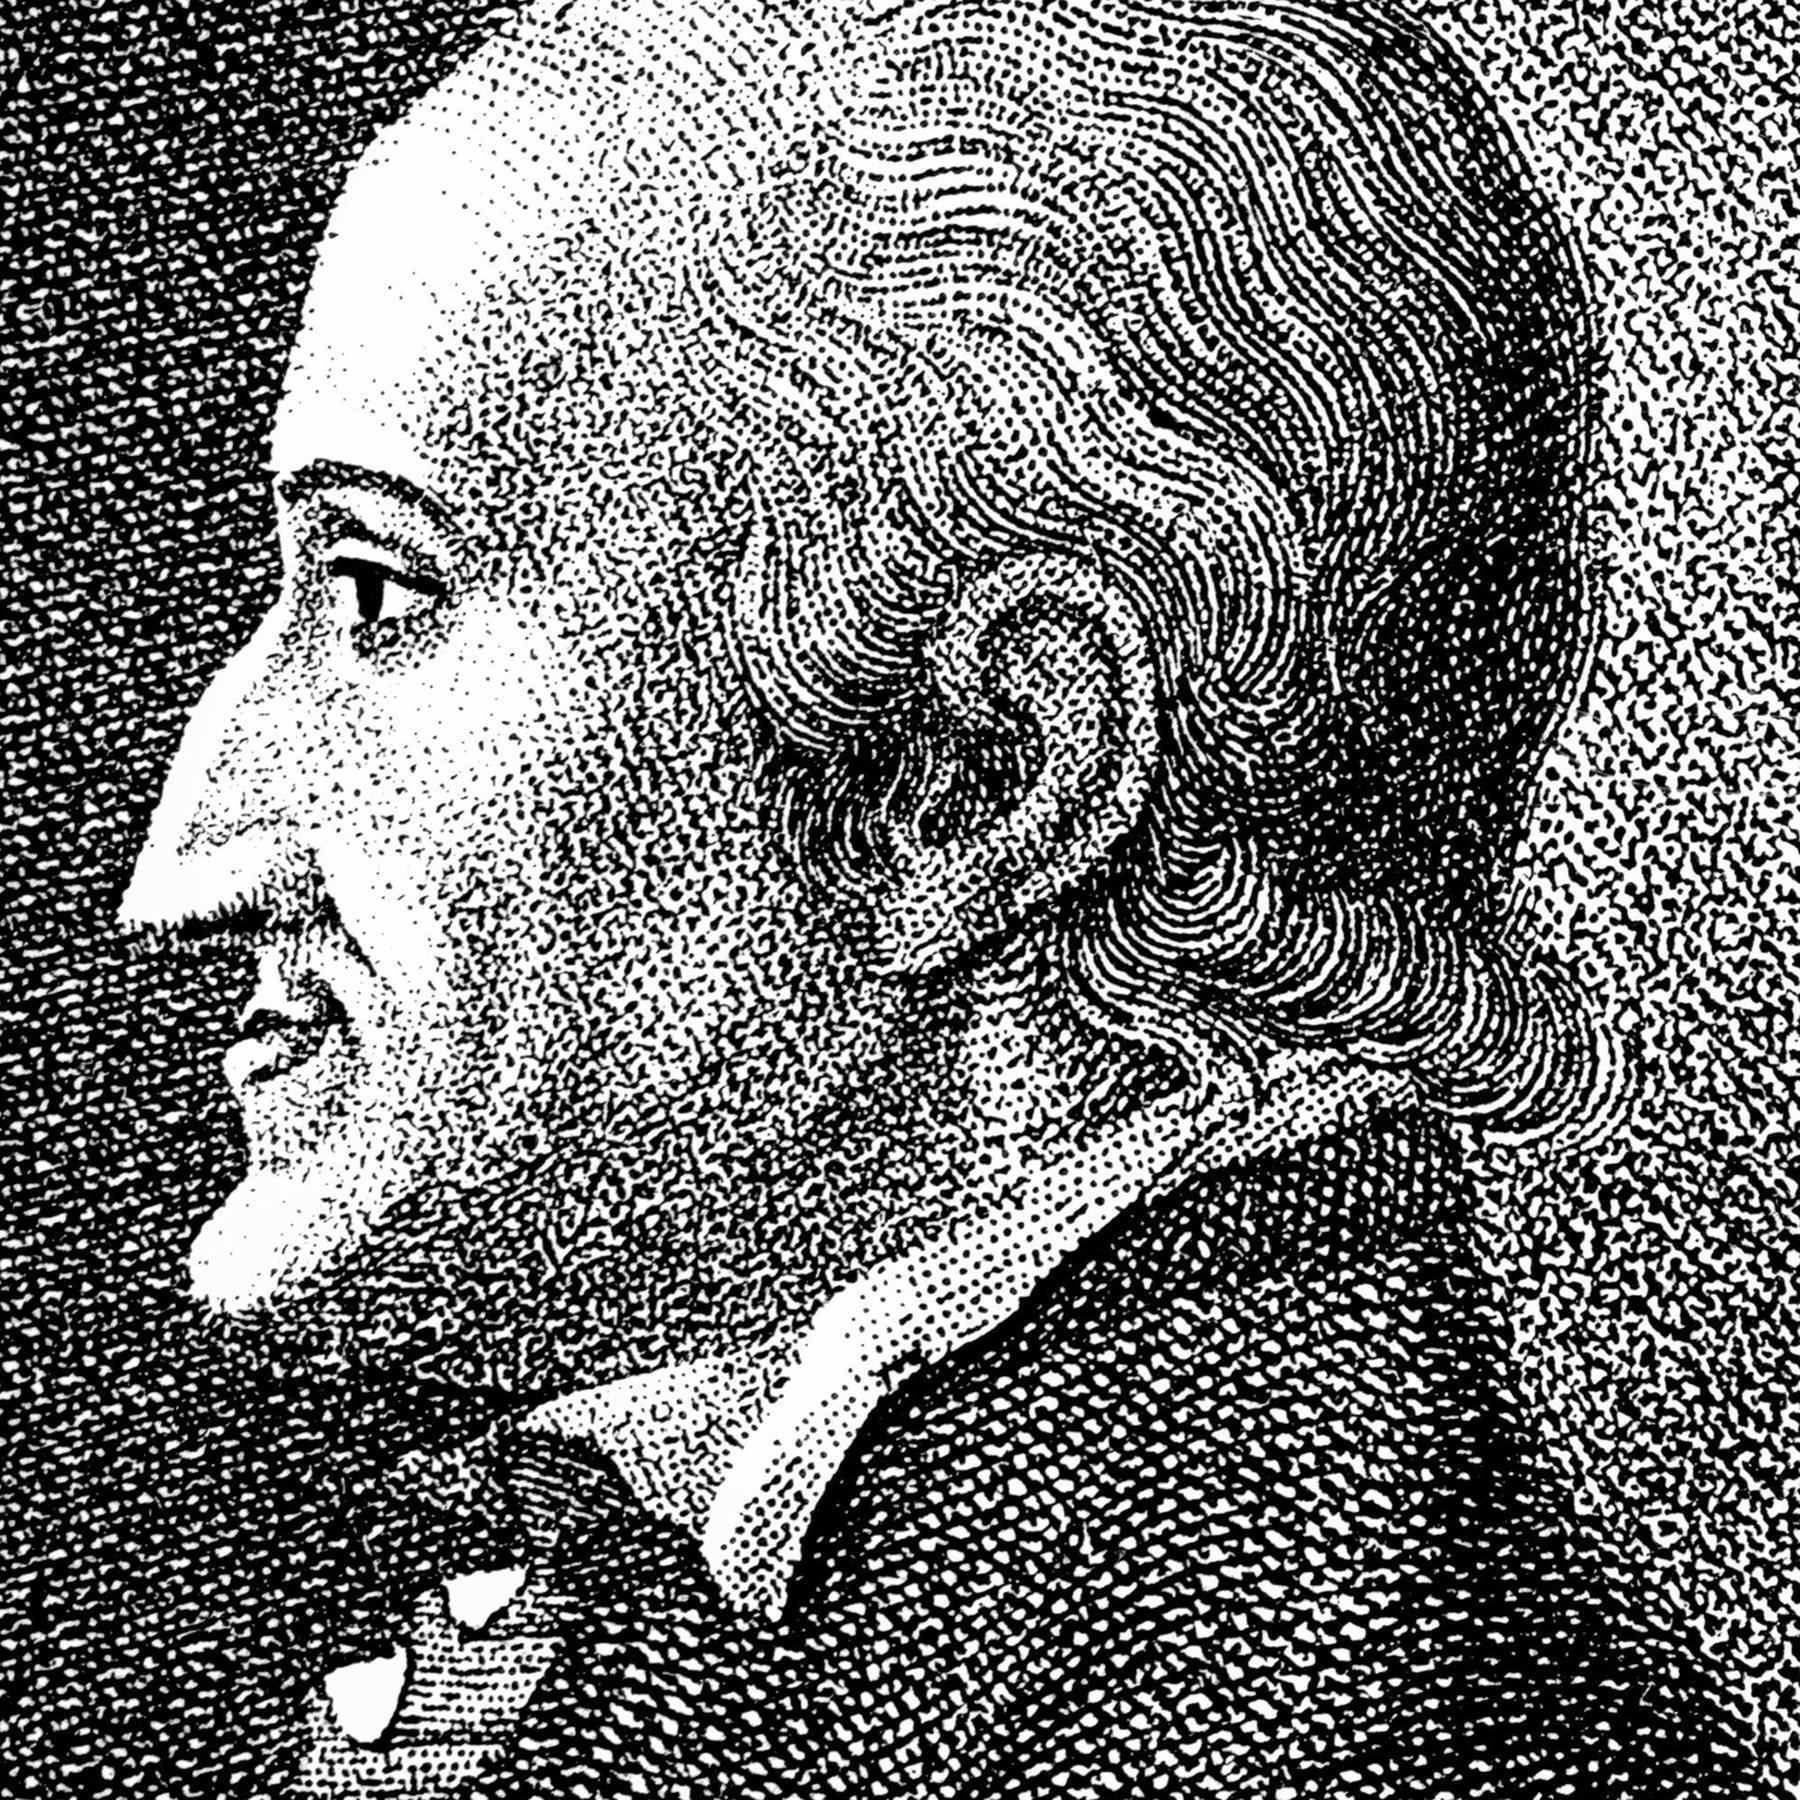 Freiherr Adolph von Knigge - Manierenpapst und Radikalaufklärer